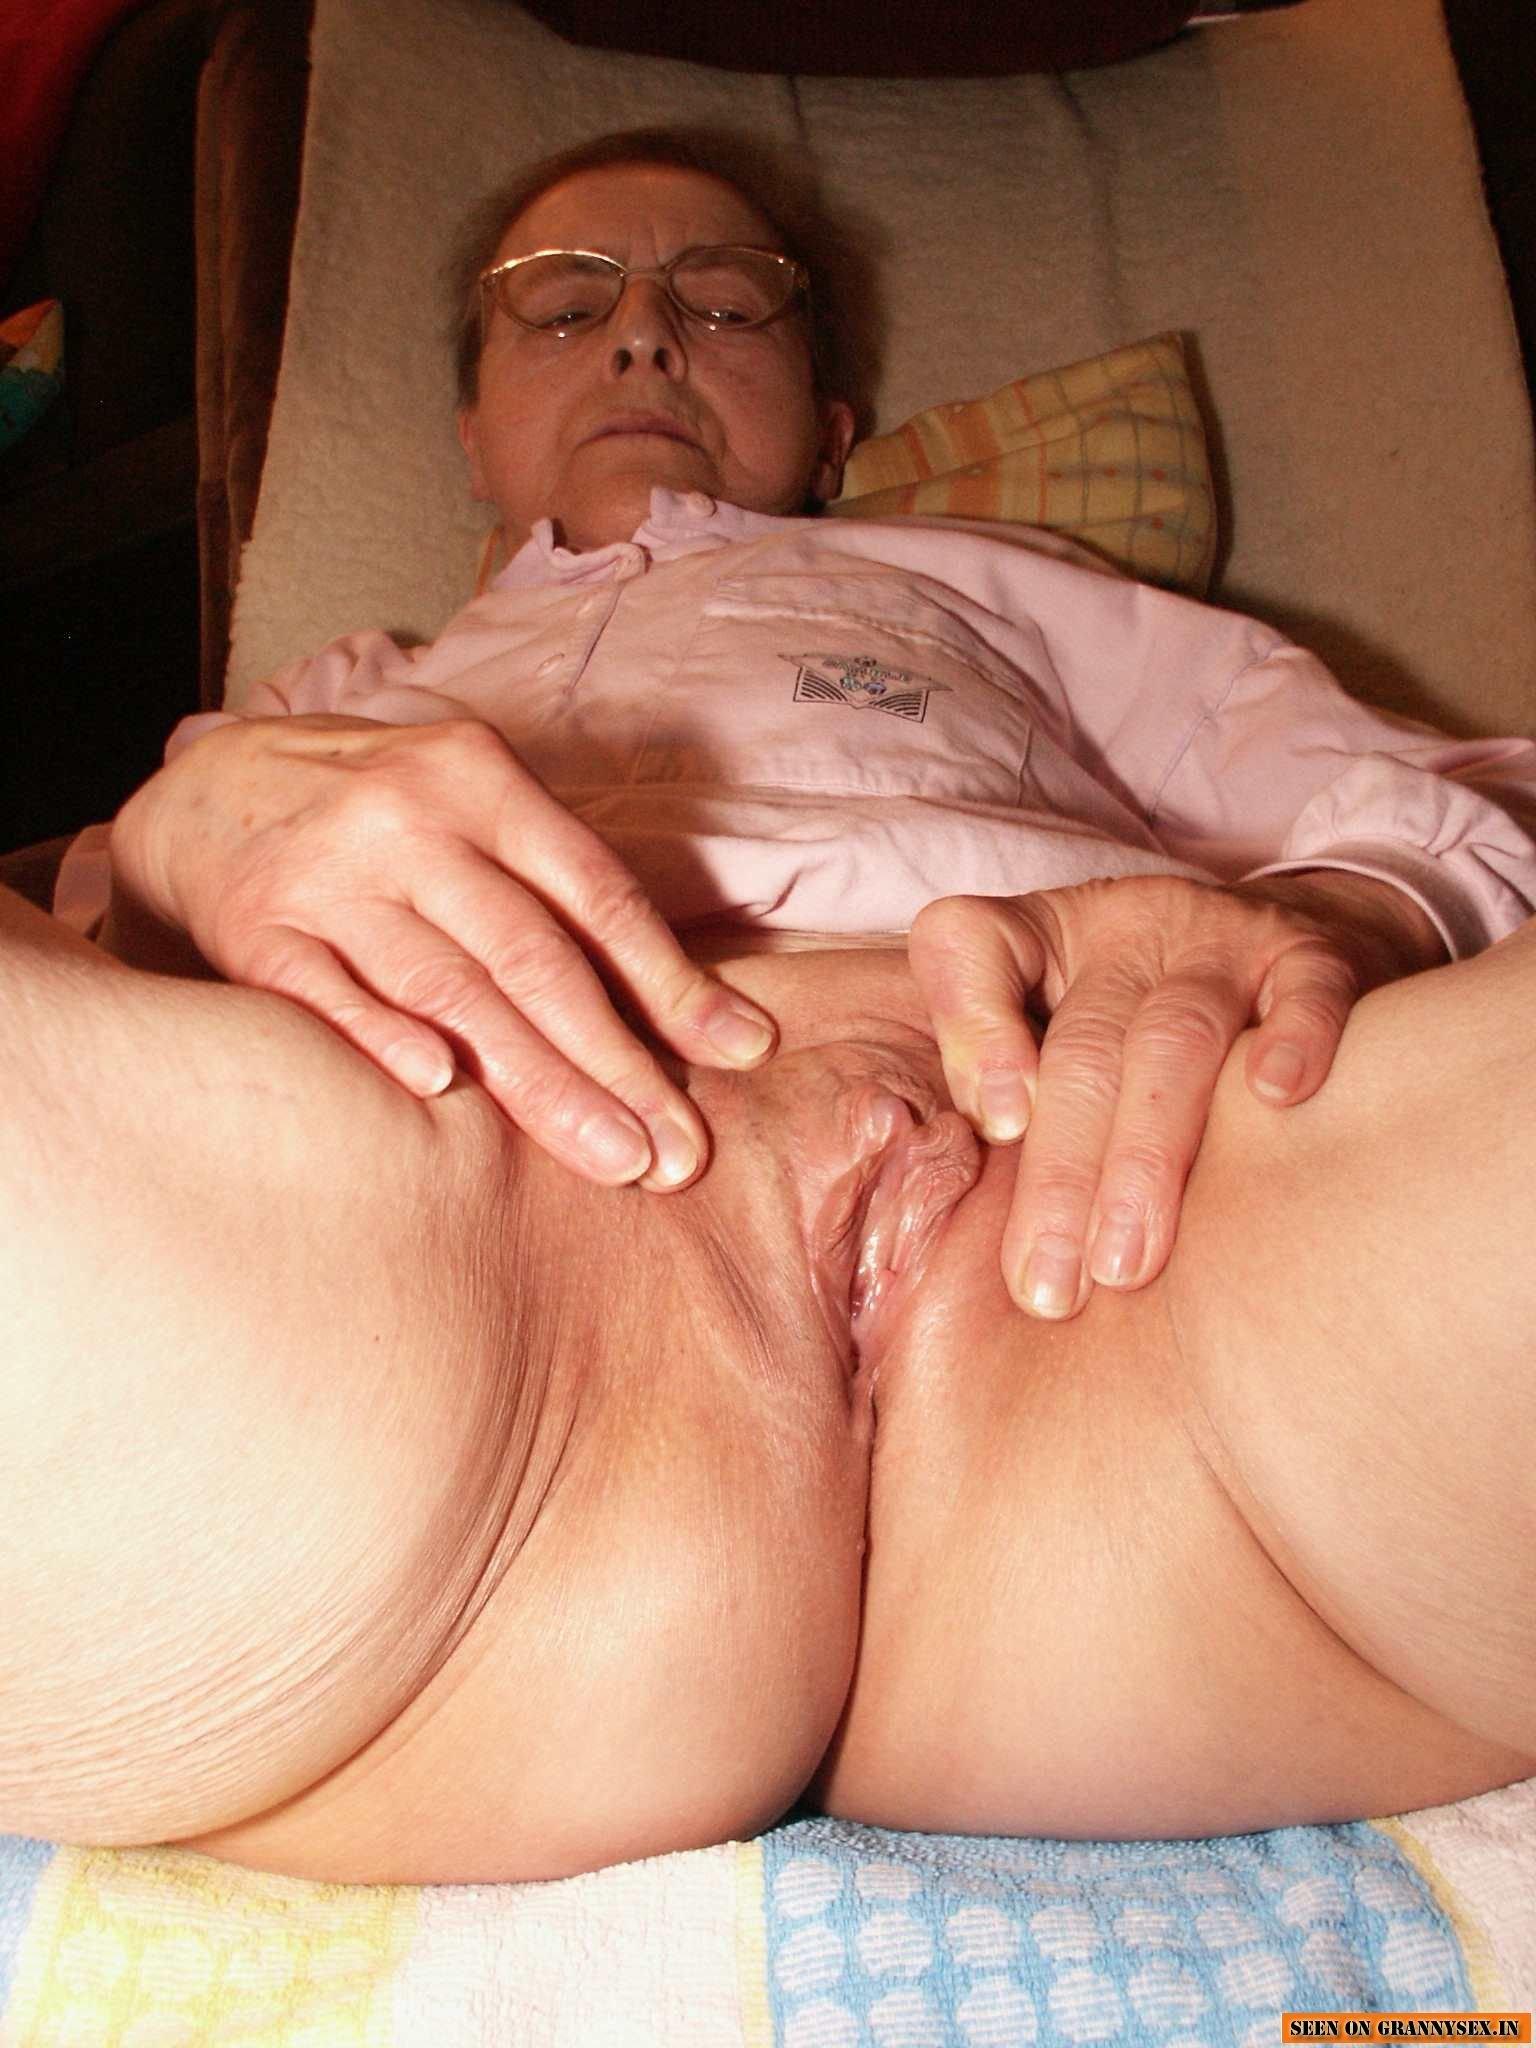 Mature grandma all older horny women porn pics